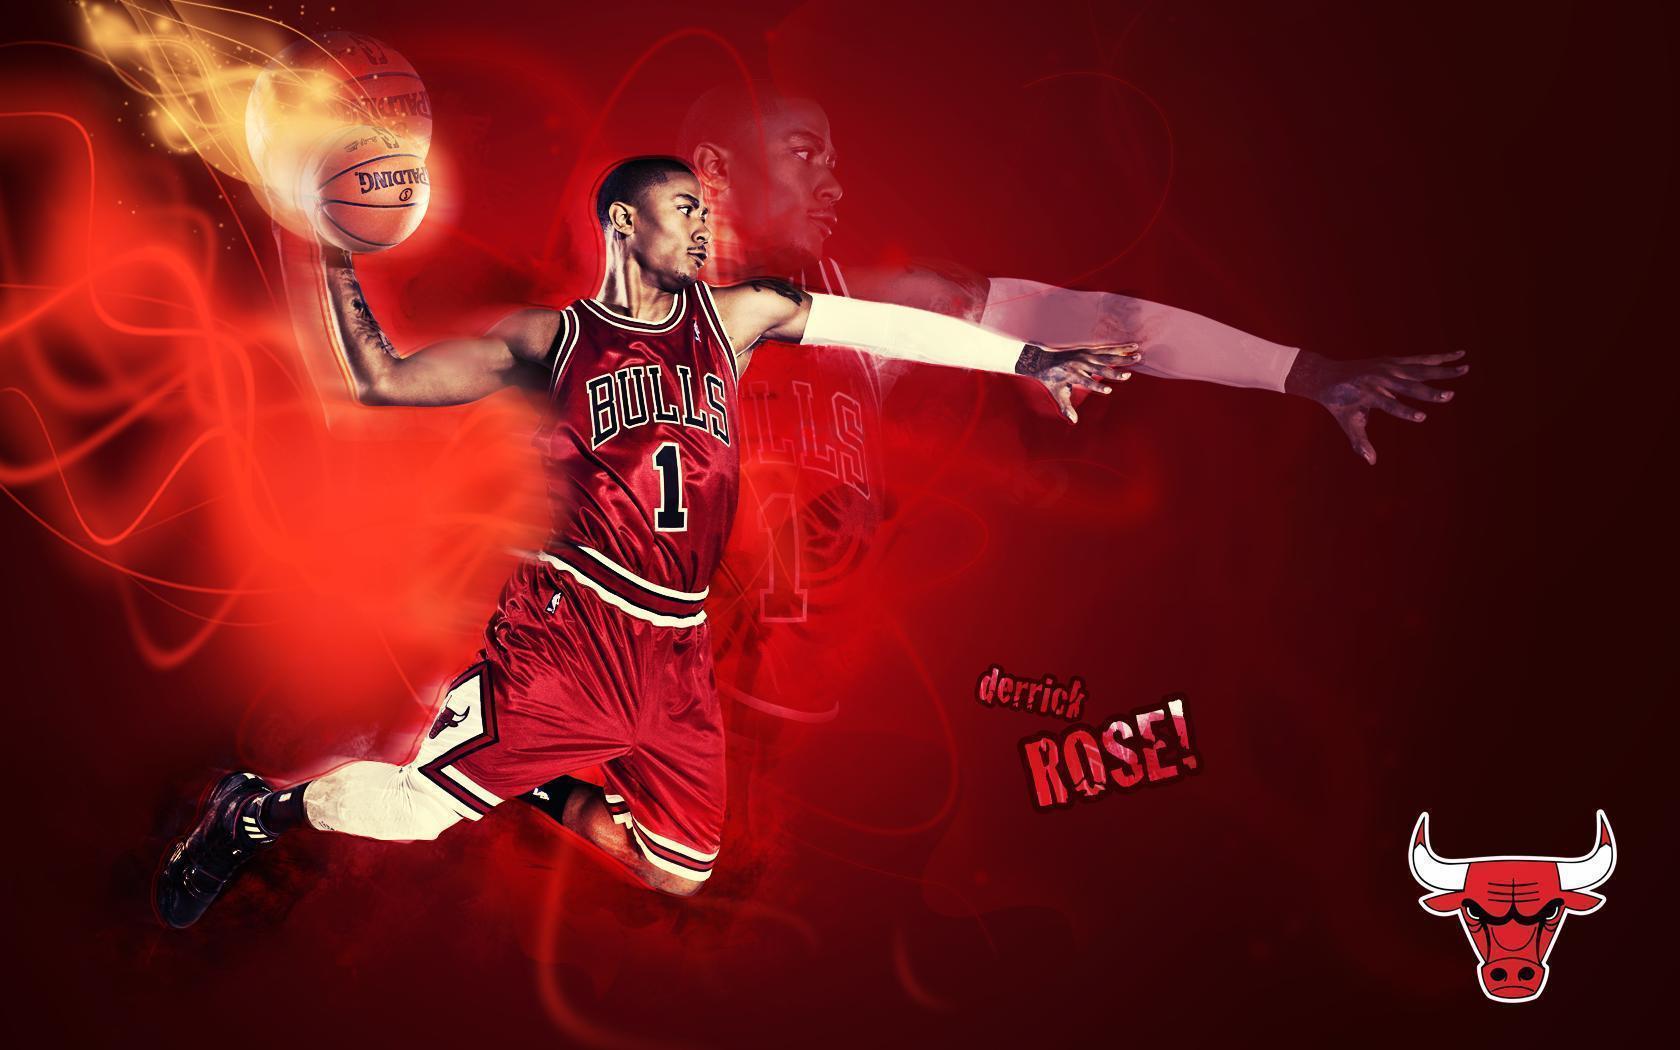 derrick rose wallpaper dunk - photo #11